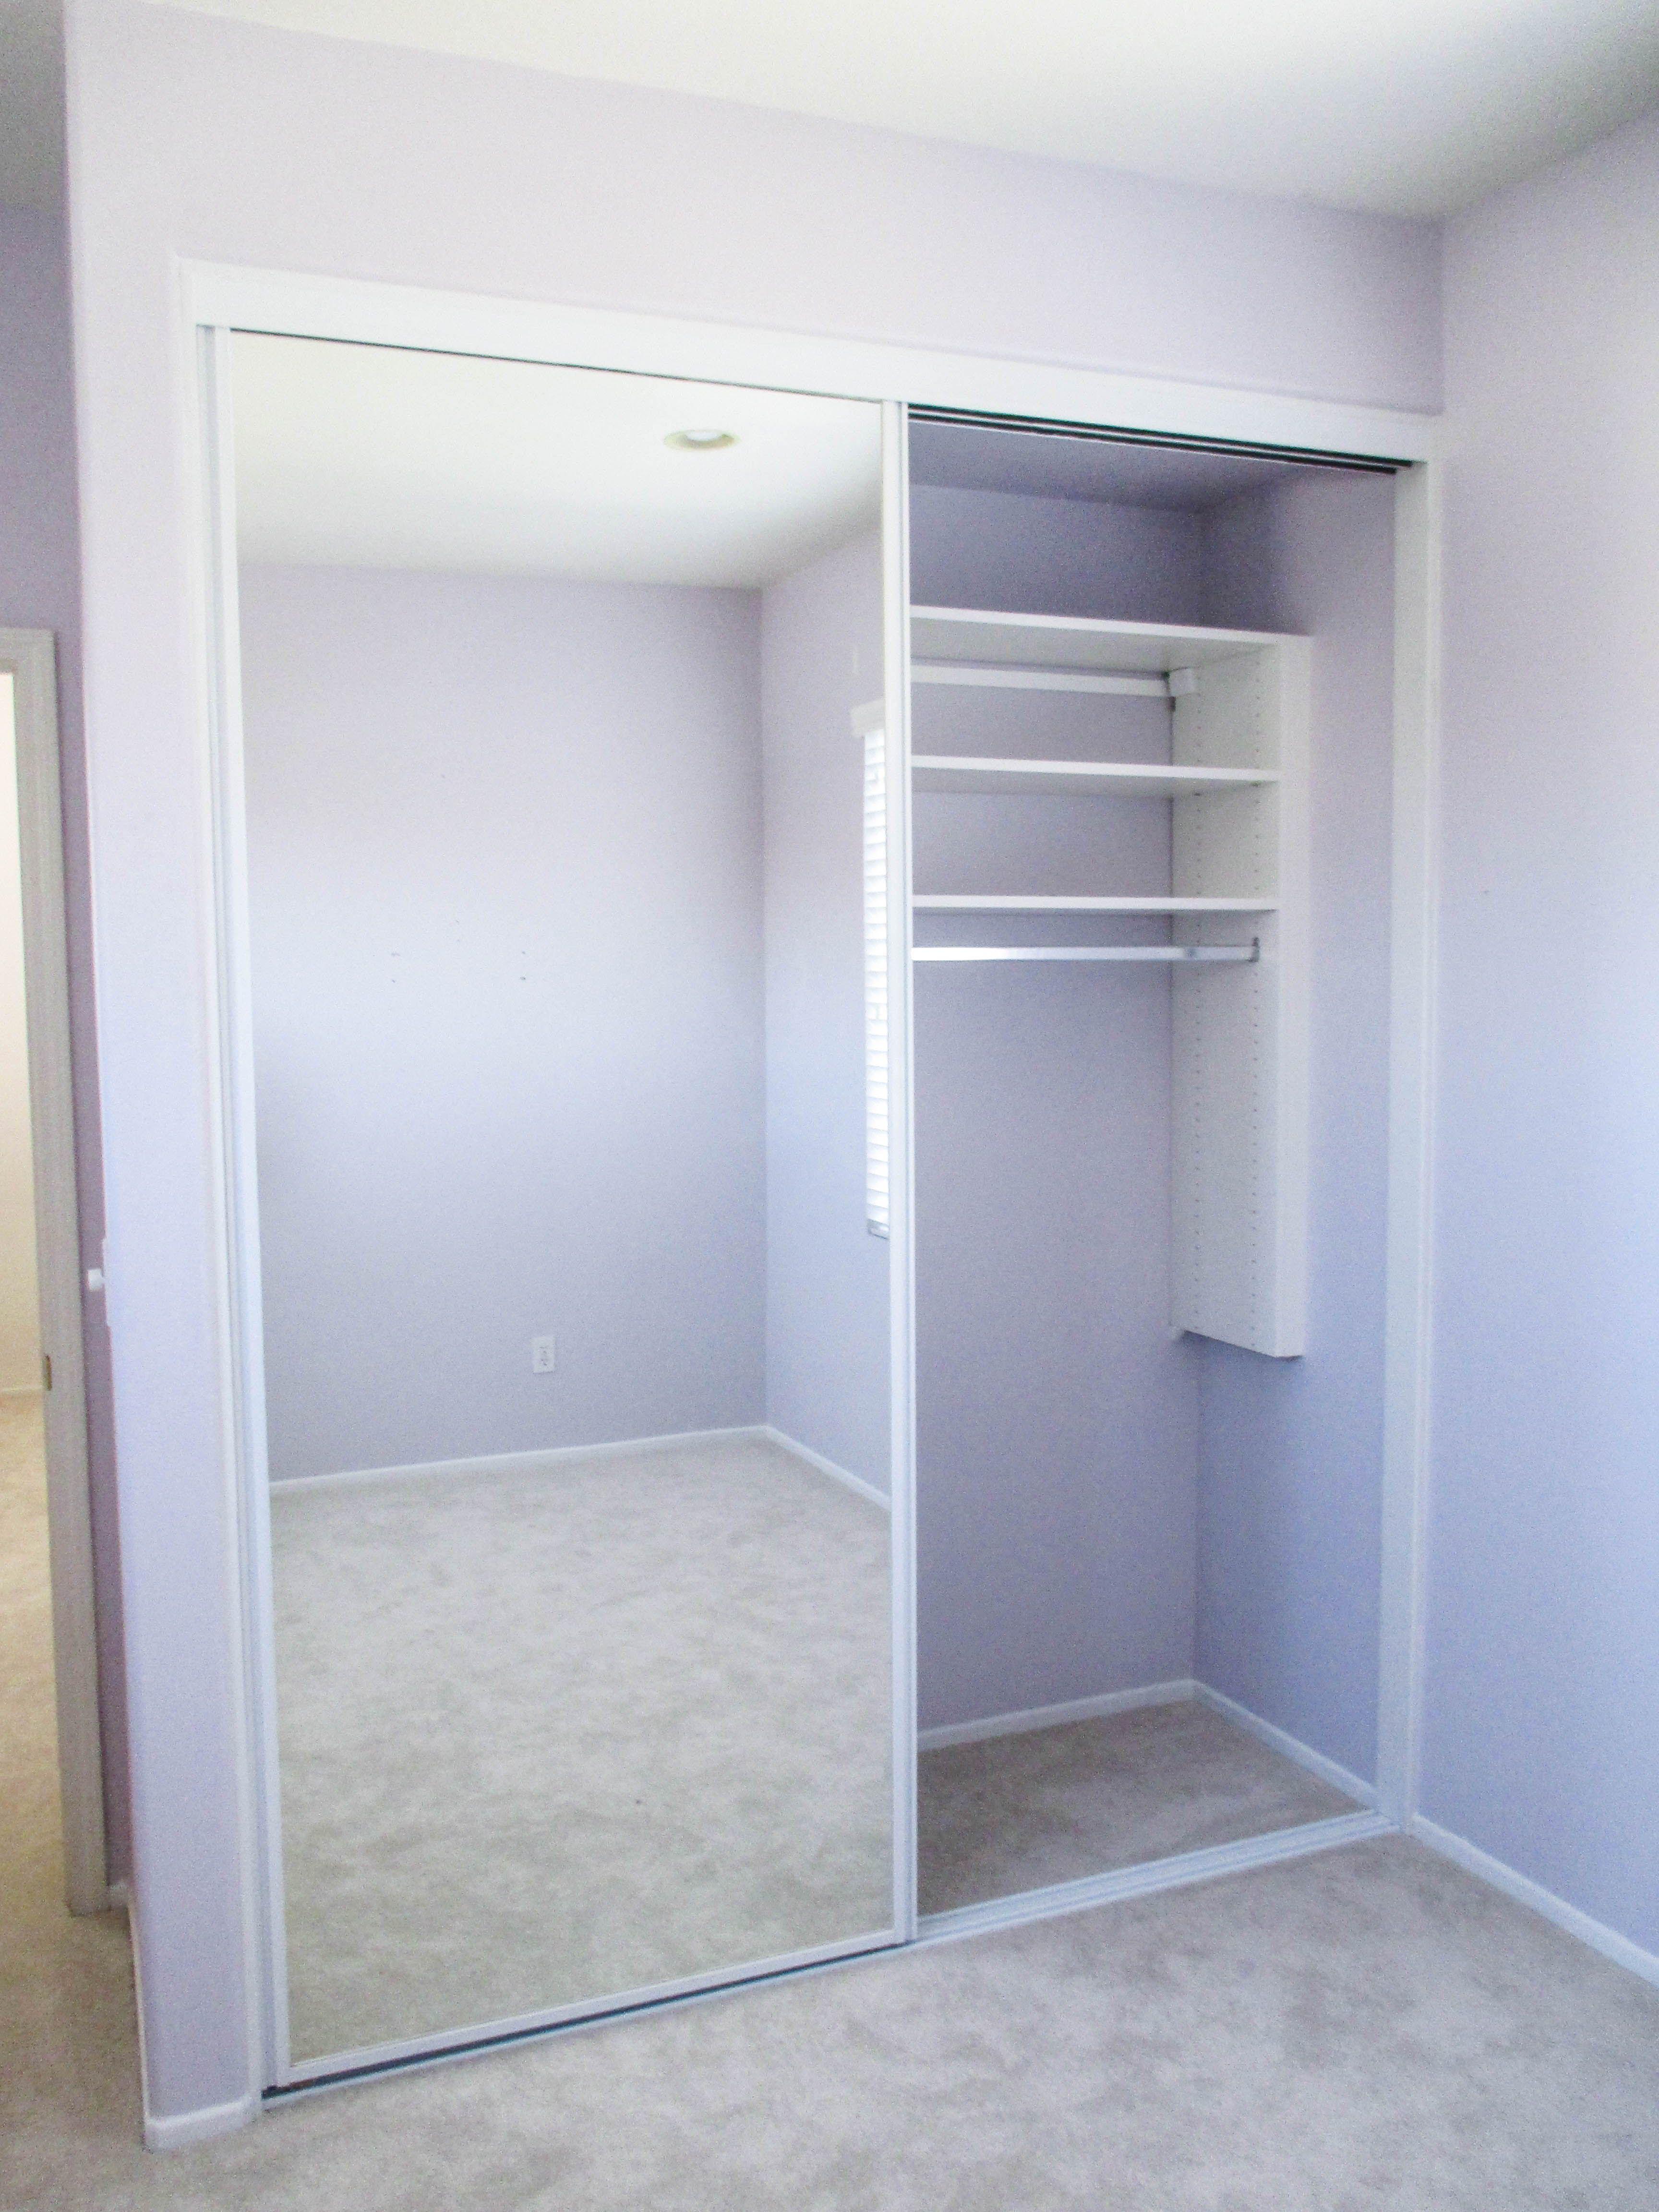 Updating Closet Doors Bedroom Closet Doors Bifold Closet Doors Folding Closet Doors